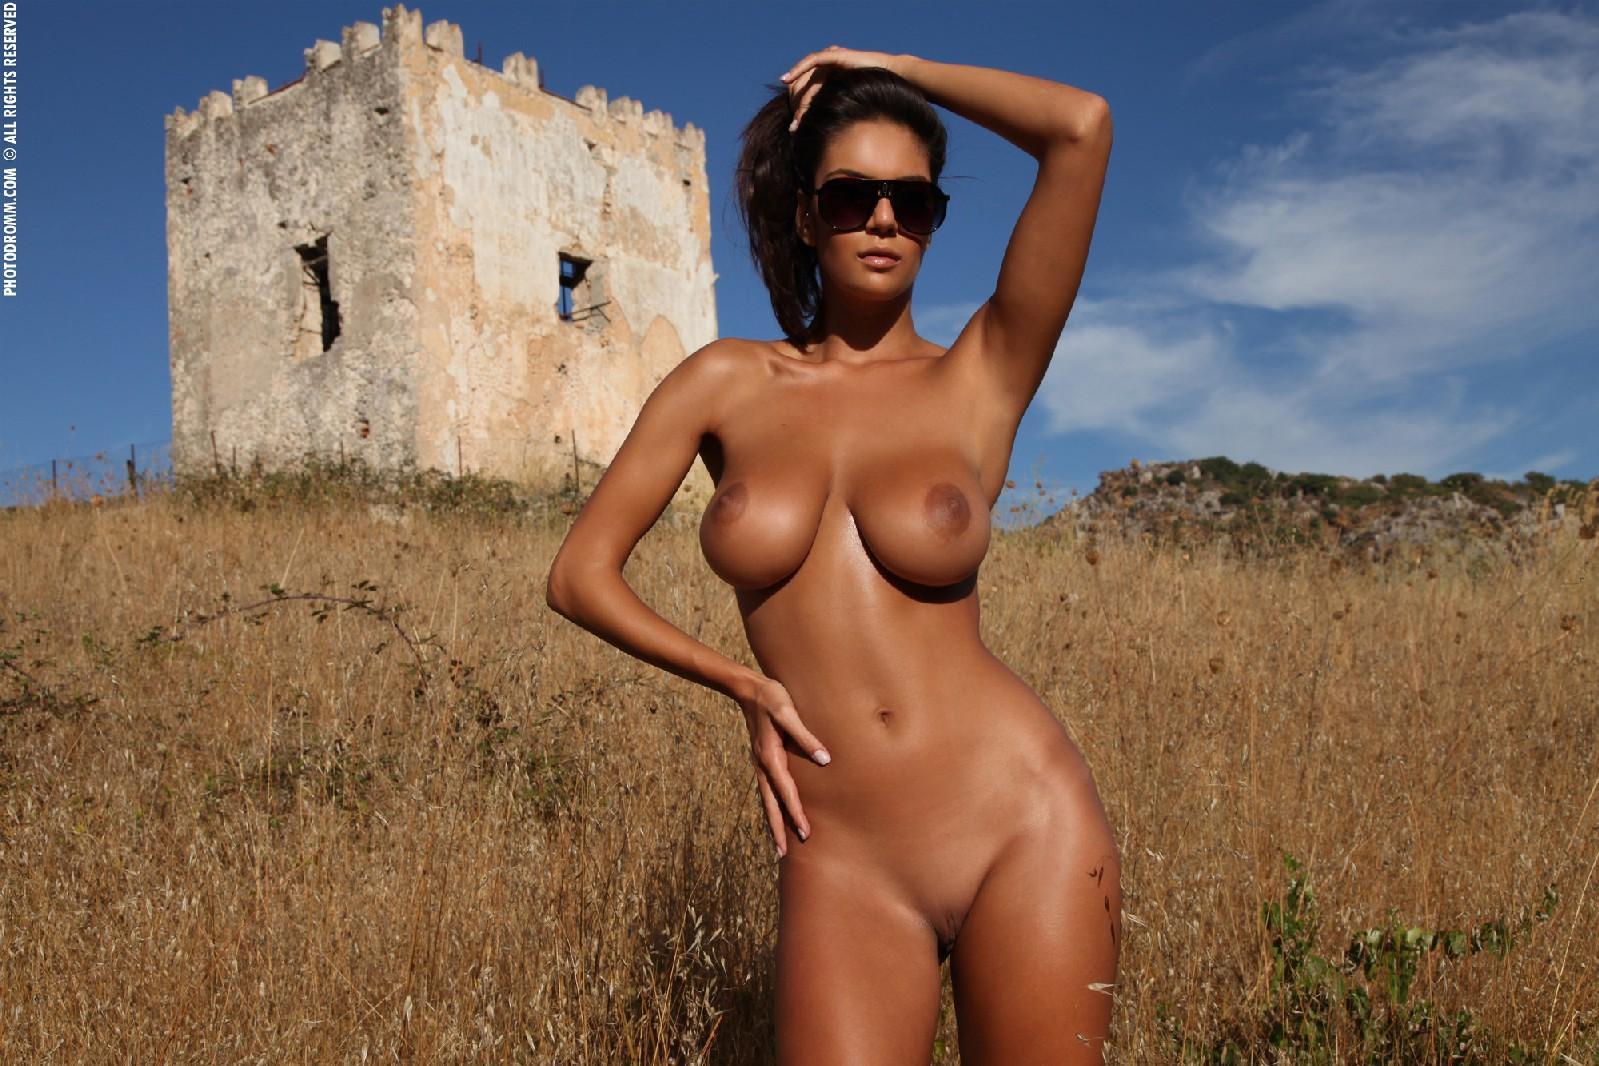 Телочки с красивой обнаженной грудью 23 фотография